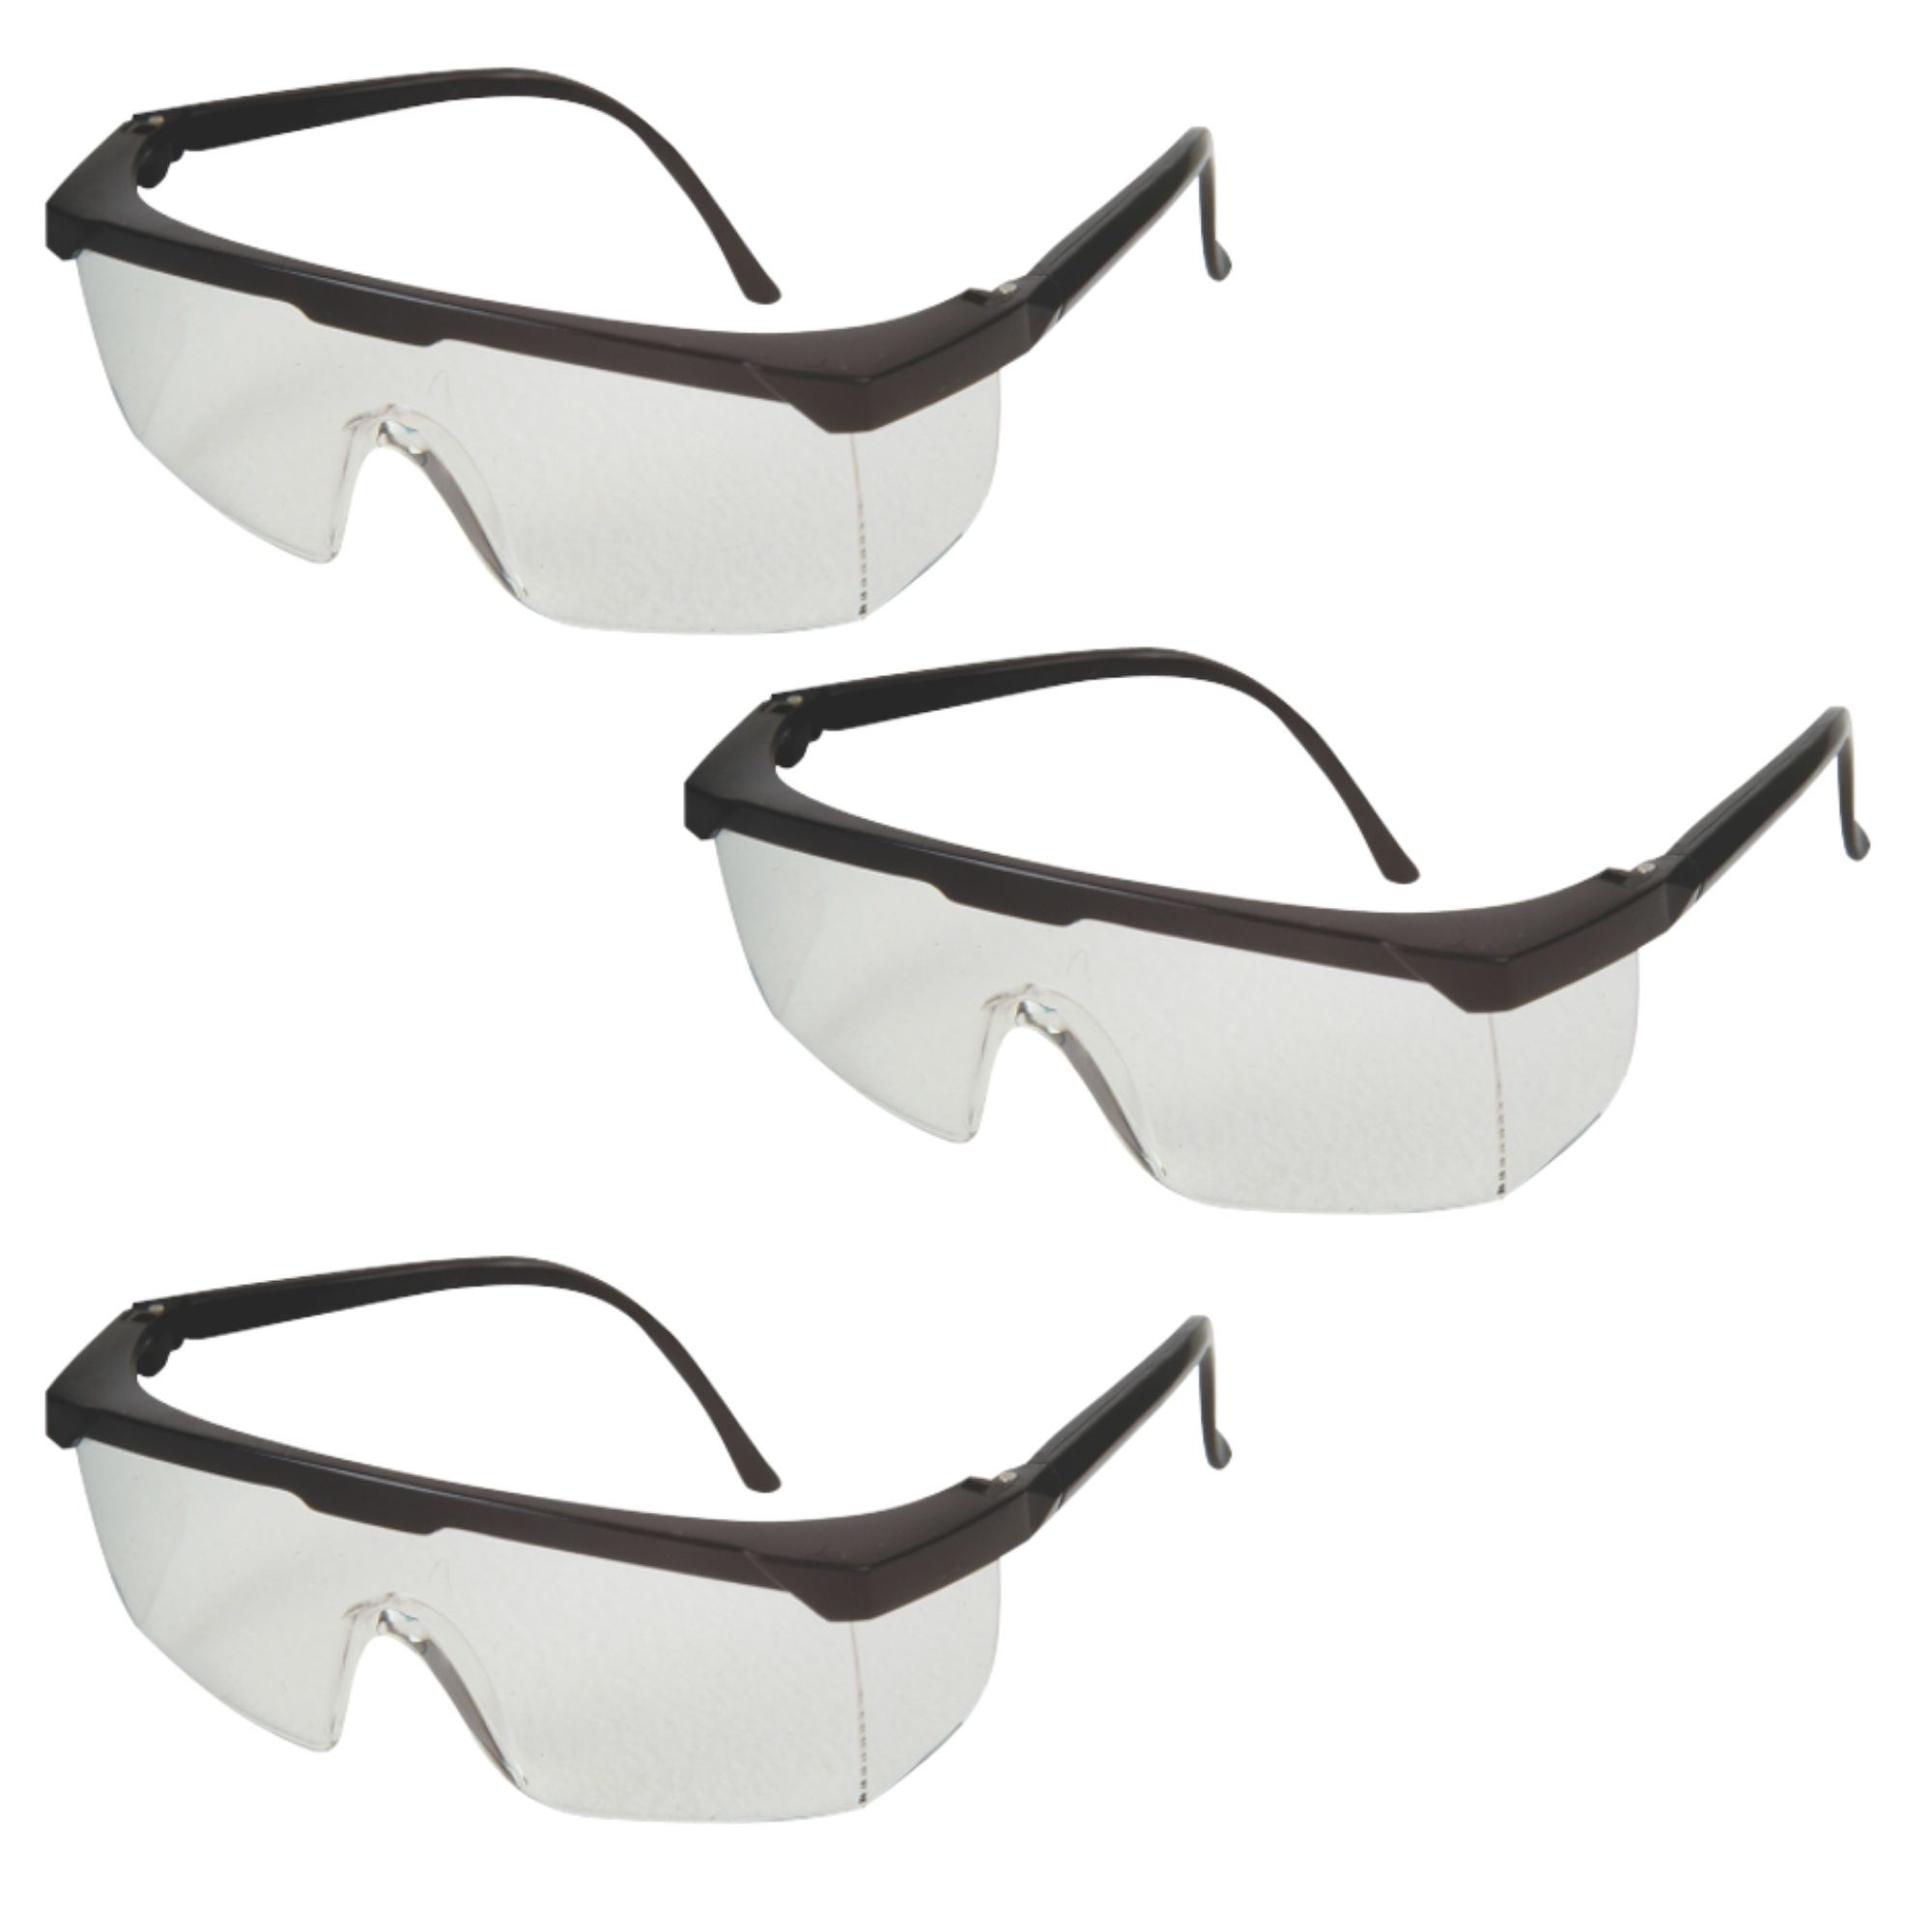 3 Uni Óculos Proteção Rj Jaguar Proteção Total Olhos Kalipso - CA10.346  - DE PAULA EPI